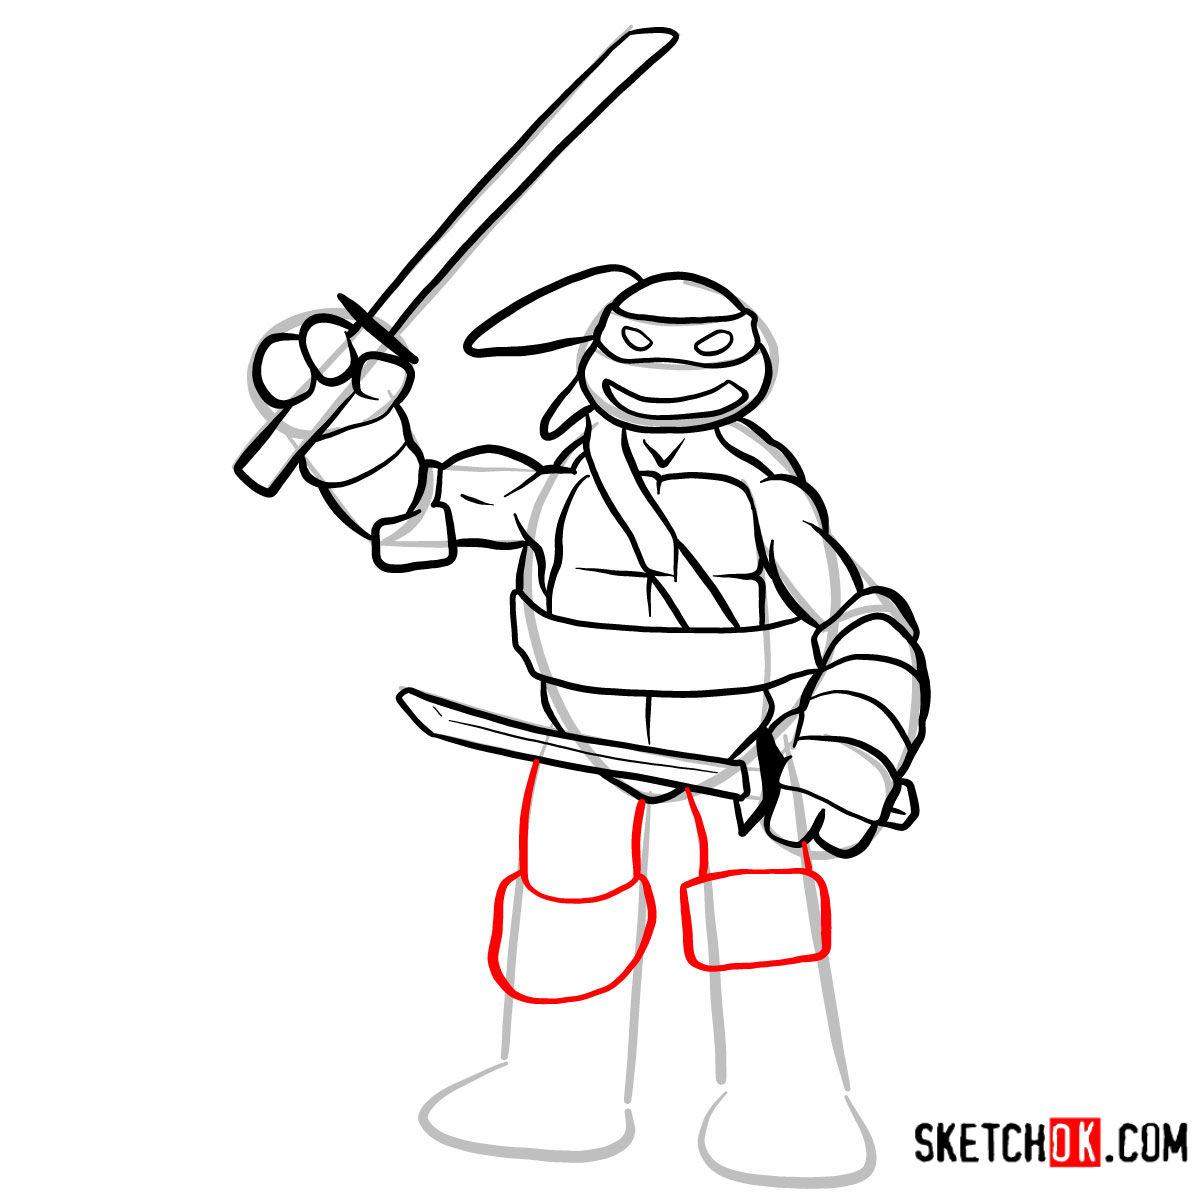 How to draw Leonardo | TMNT - step 10